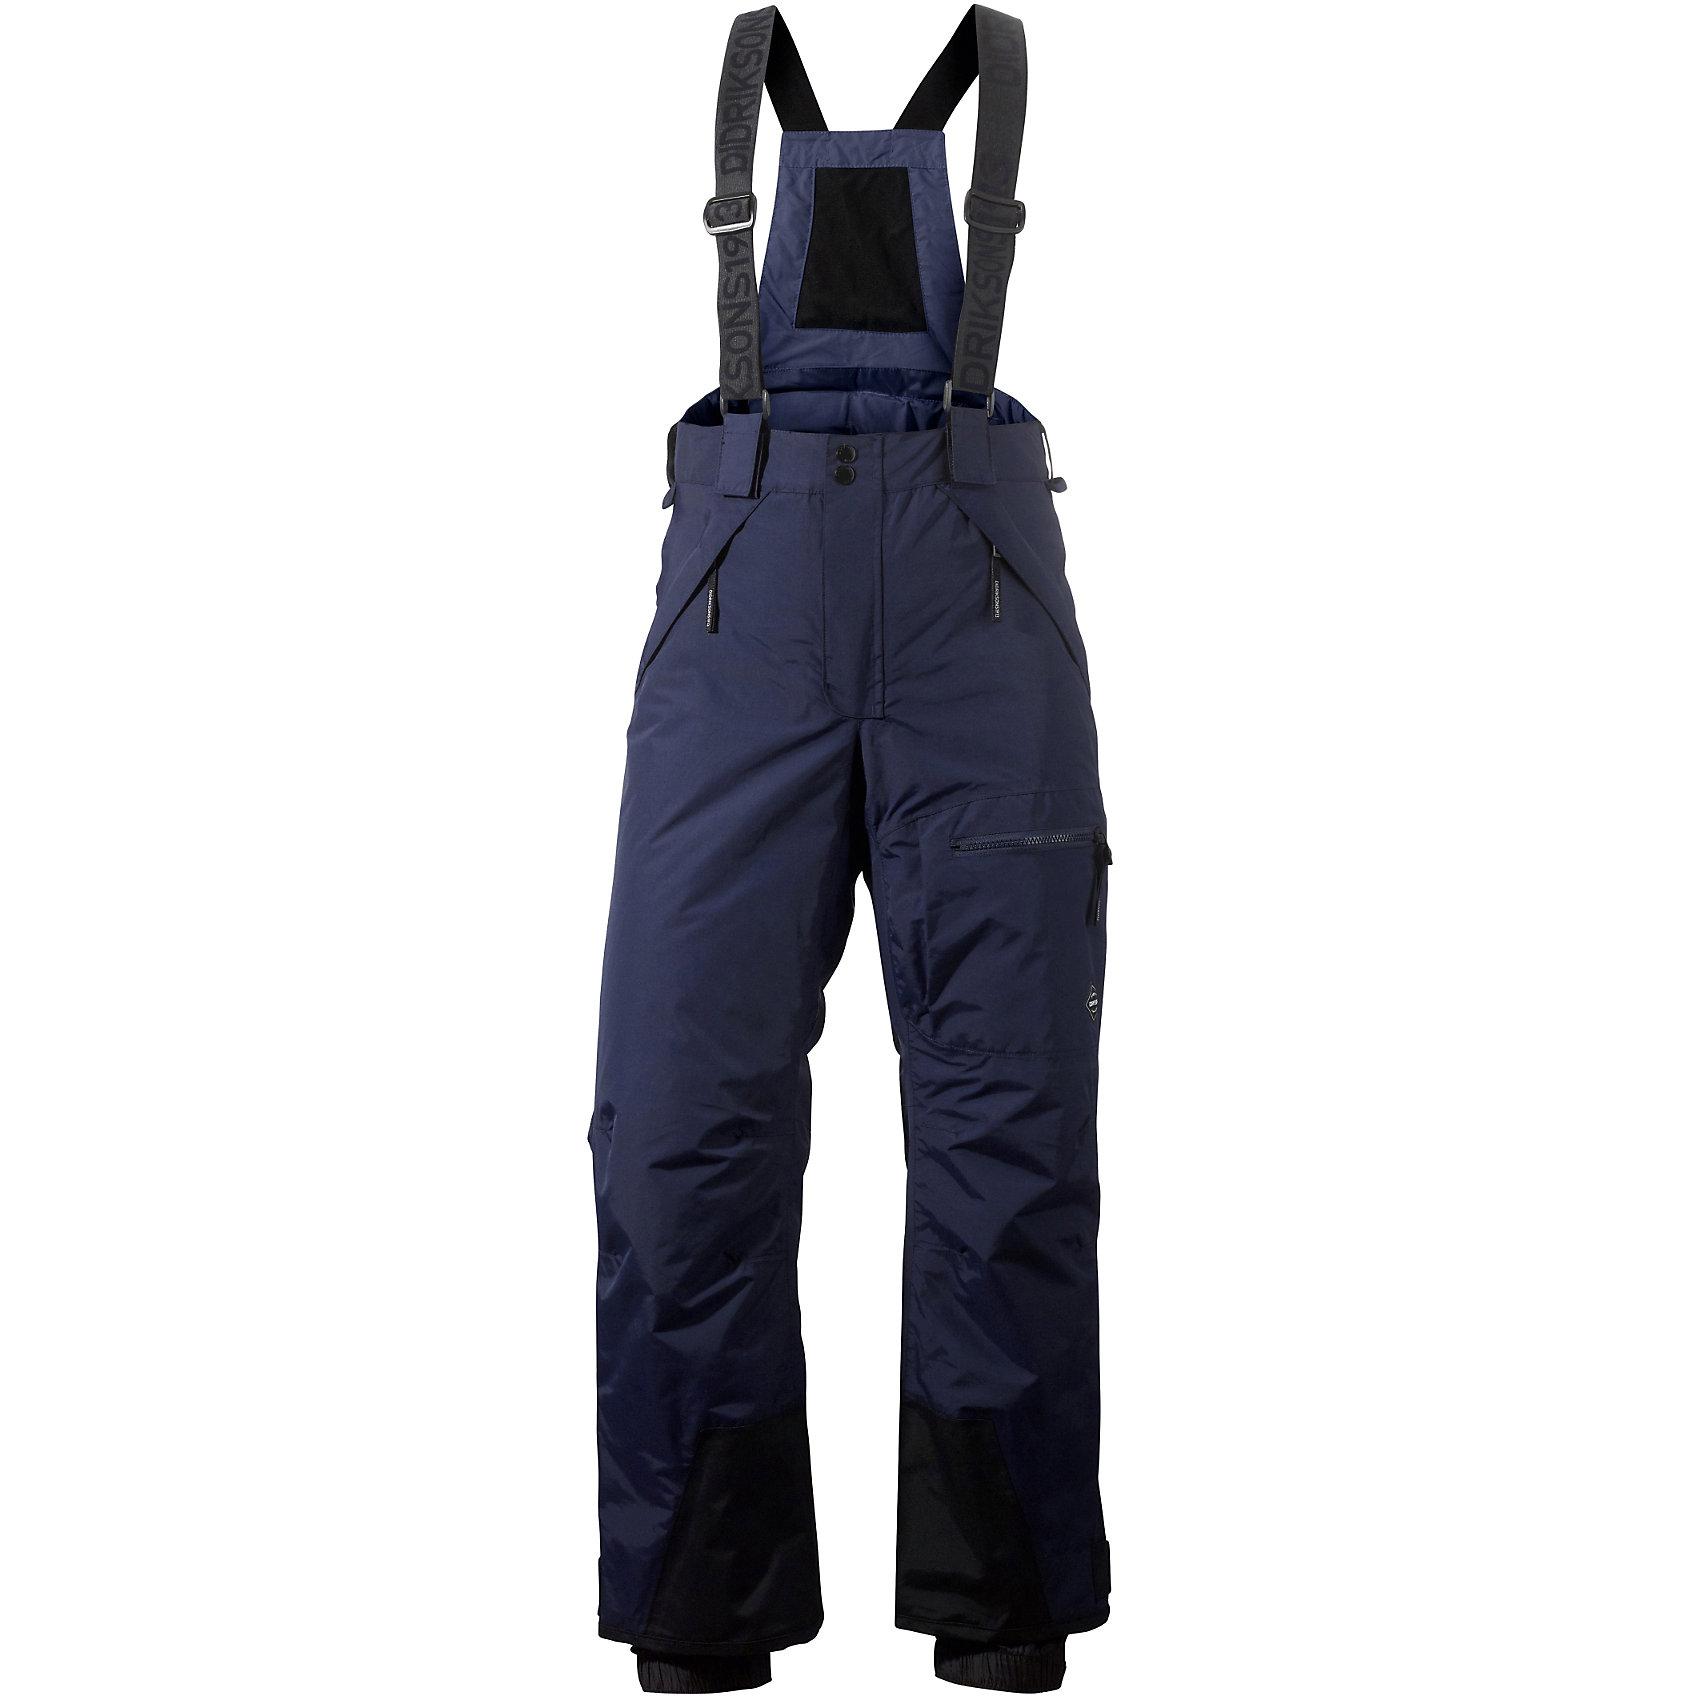 Брюки Elton для мальчика DIDRIKSONSВерхняя одежда<br>Характеристики товара:<br><br>• цвет: синий<br>• материал: 100% полиамид, подкладка 100% полиэстер<br>• утеплитель: 60 г/м<br>• сезон: зима<br>• температурный режим от +5 до -20С<br>• непромокаемая и непродуваемая мембранная ткань<br>• дополнительная пропитка верха<br>• прокленные швы<br>• талия и низ штанин регулируется<br>• внутренние гетры<br>• ширинка на молнии<br>• лямки<br>• страна бренда: Швеция<br>• страна производства: Китай<br><br>Такие брюки незаменимы в холодную и сырую погоду! Это не только стильно, но еще и очень комфортно, а также тепло. Они обеспечат ребенку удобство при прогулках и активном отдыхе зимой. Брюки от шведского производителя легко трансформируются под рост ребенка и погодные условия.<br>Модель сшита из мембранной ткани, которая позволяет телу дышать, но при этом не промокает и не продувается. Очень стильная и удобная модель! Изделие качественно выполнено, сделано из безопасных для детей материалов. <br><br>Брюки для мальчика от бренда DIDRIKSONS можно купить в нашем интернет-магазине.<br><br>Ширина мм: 215<br>Глубина мм: 88<br>Высота мм: 191<br>Вес г: 336<br>Цвет: голубой<br>Возраст от месяцев: 132<br>Возраст до месяцев: 144<br>Пол: Мужской<br>Возраст: Детский<br>Размер: 150,170,160<br>SKU: 5212642